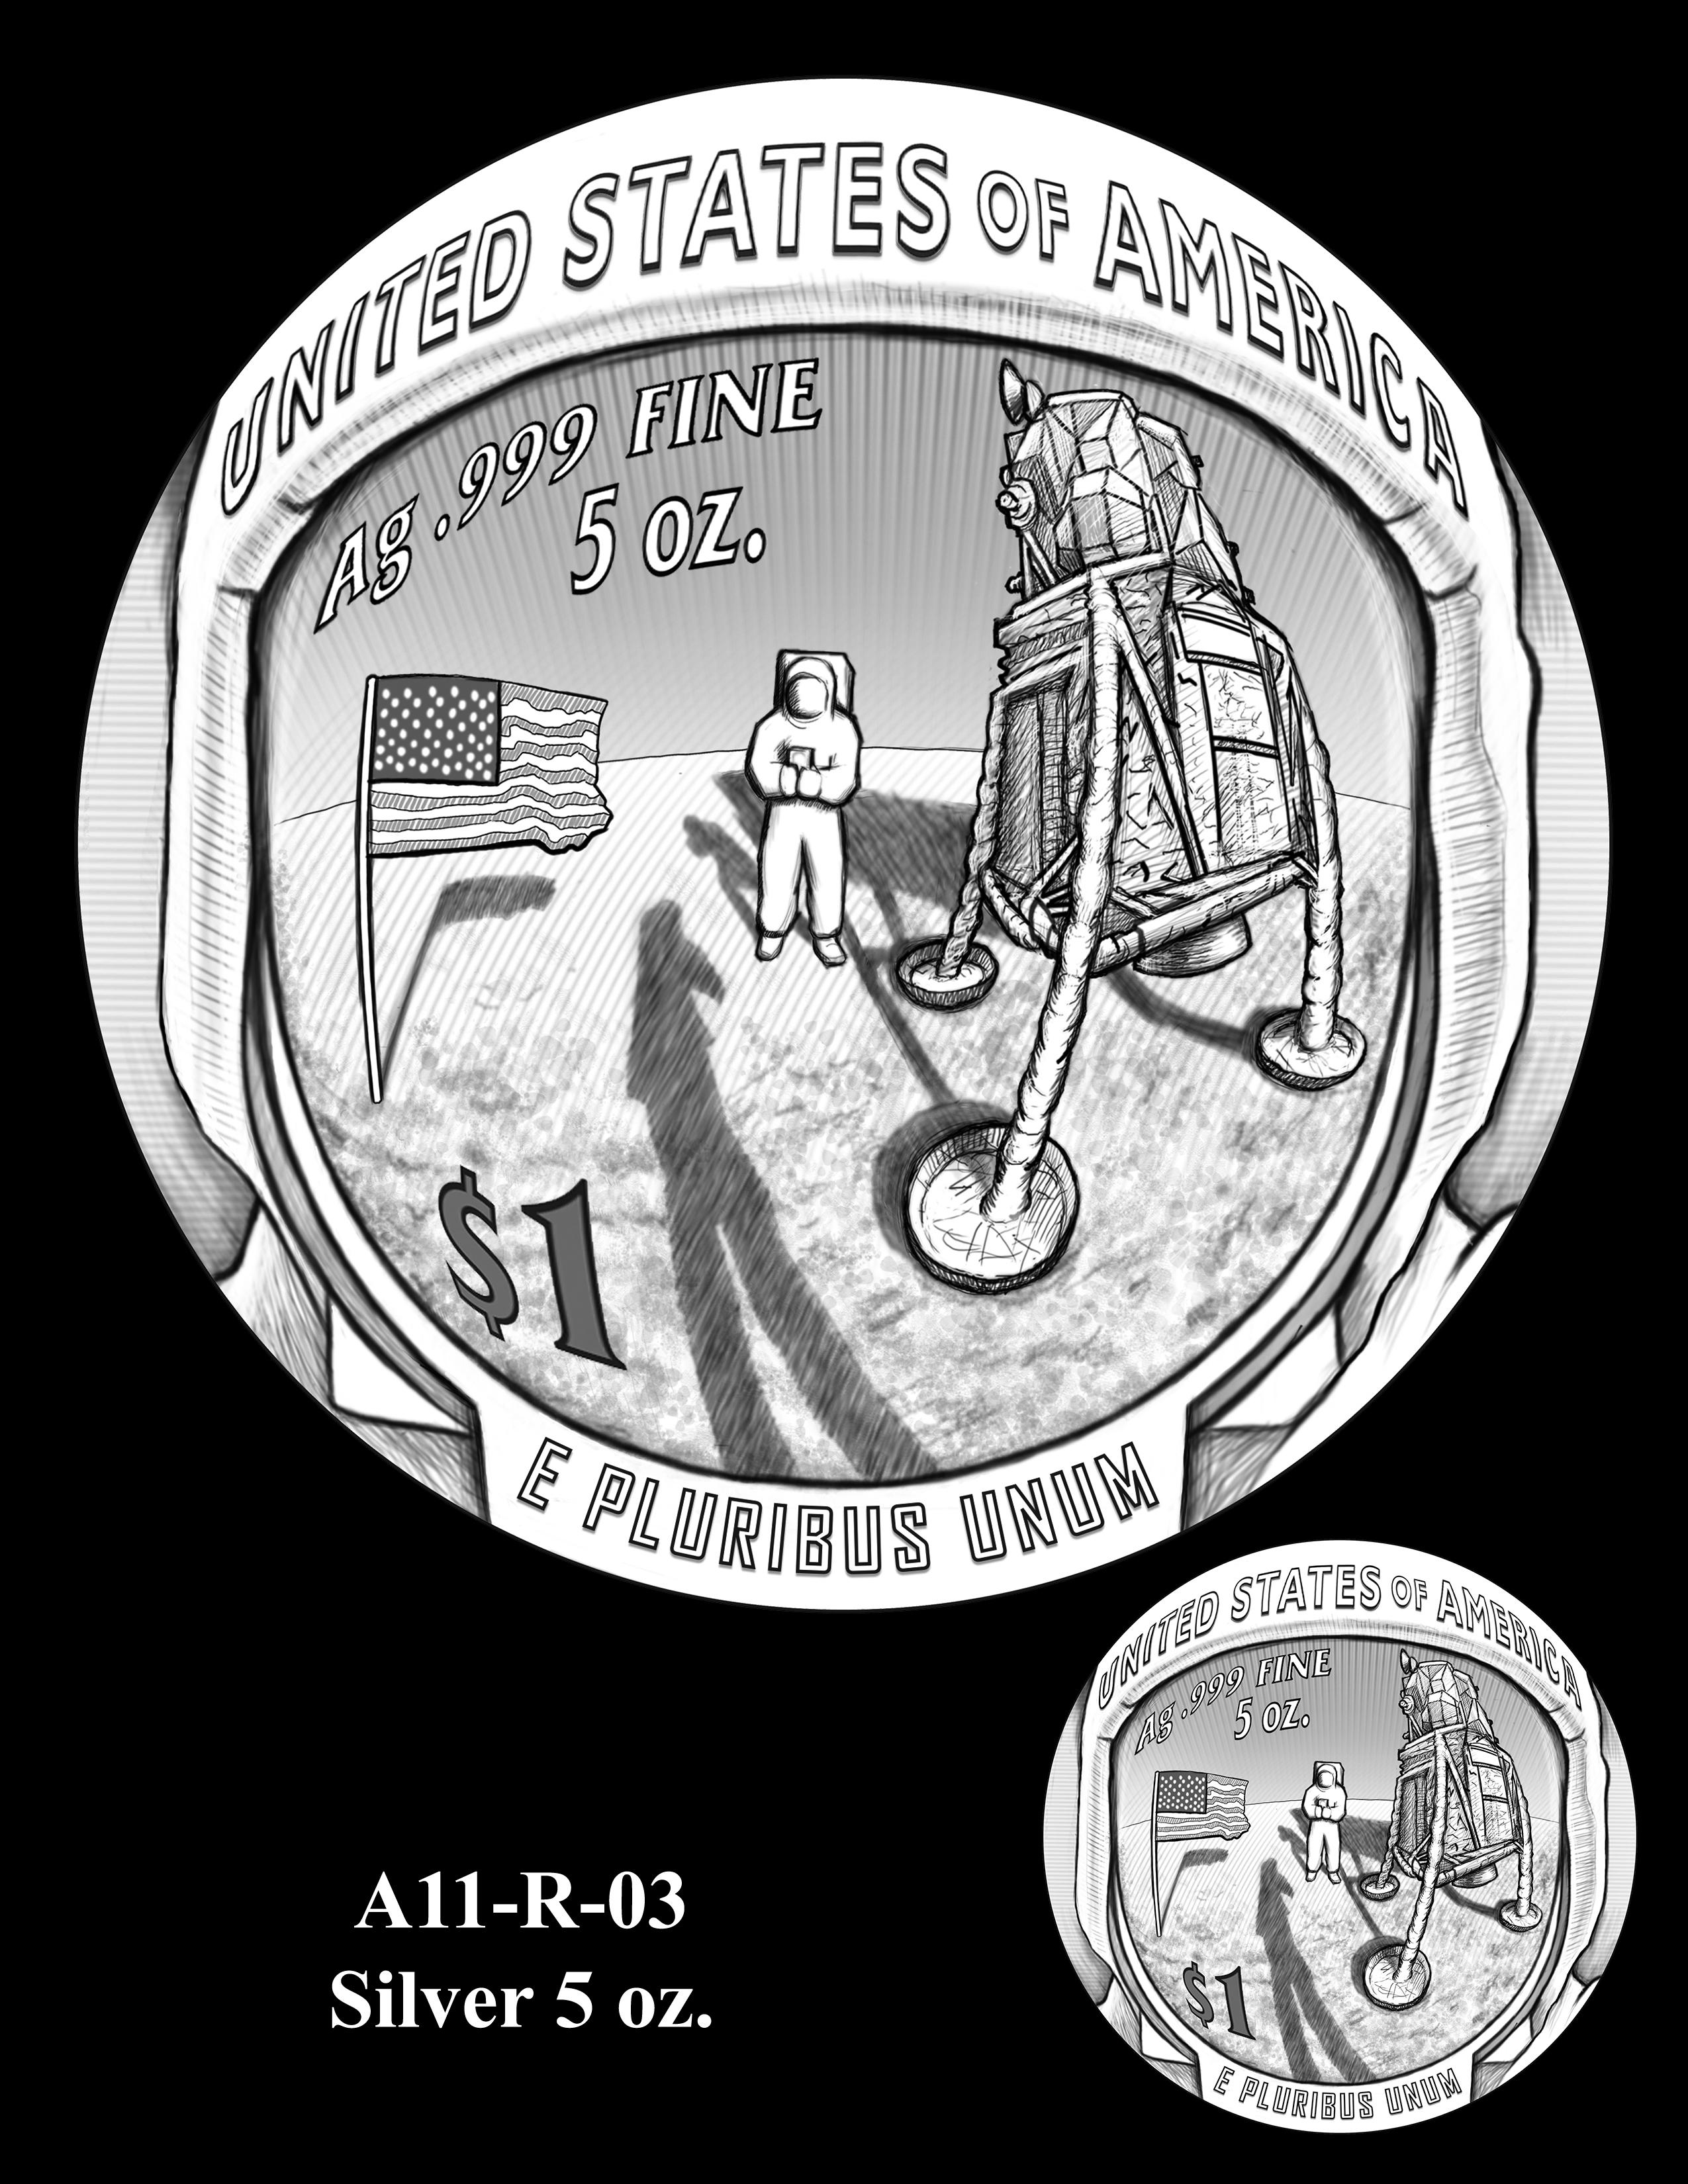 A11-R-03-SILVER-5oz. -- 2019-Apollo 11 50th Anniversary Commemorative Coin